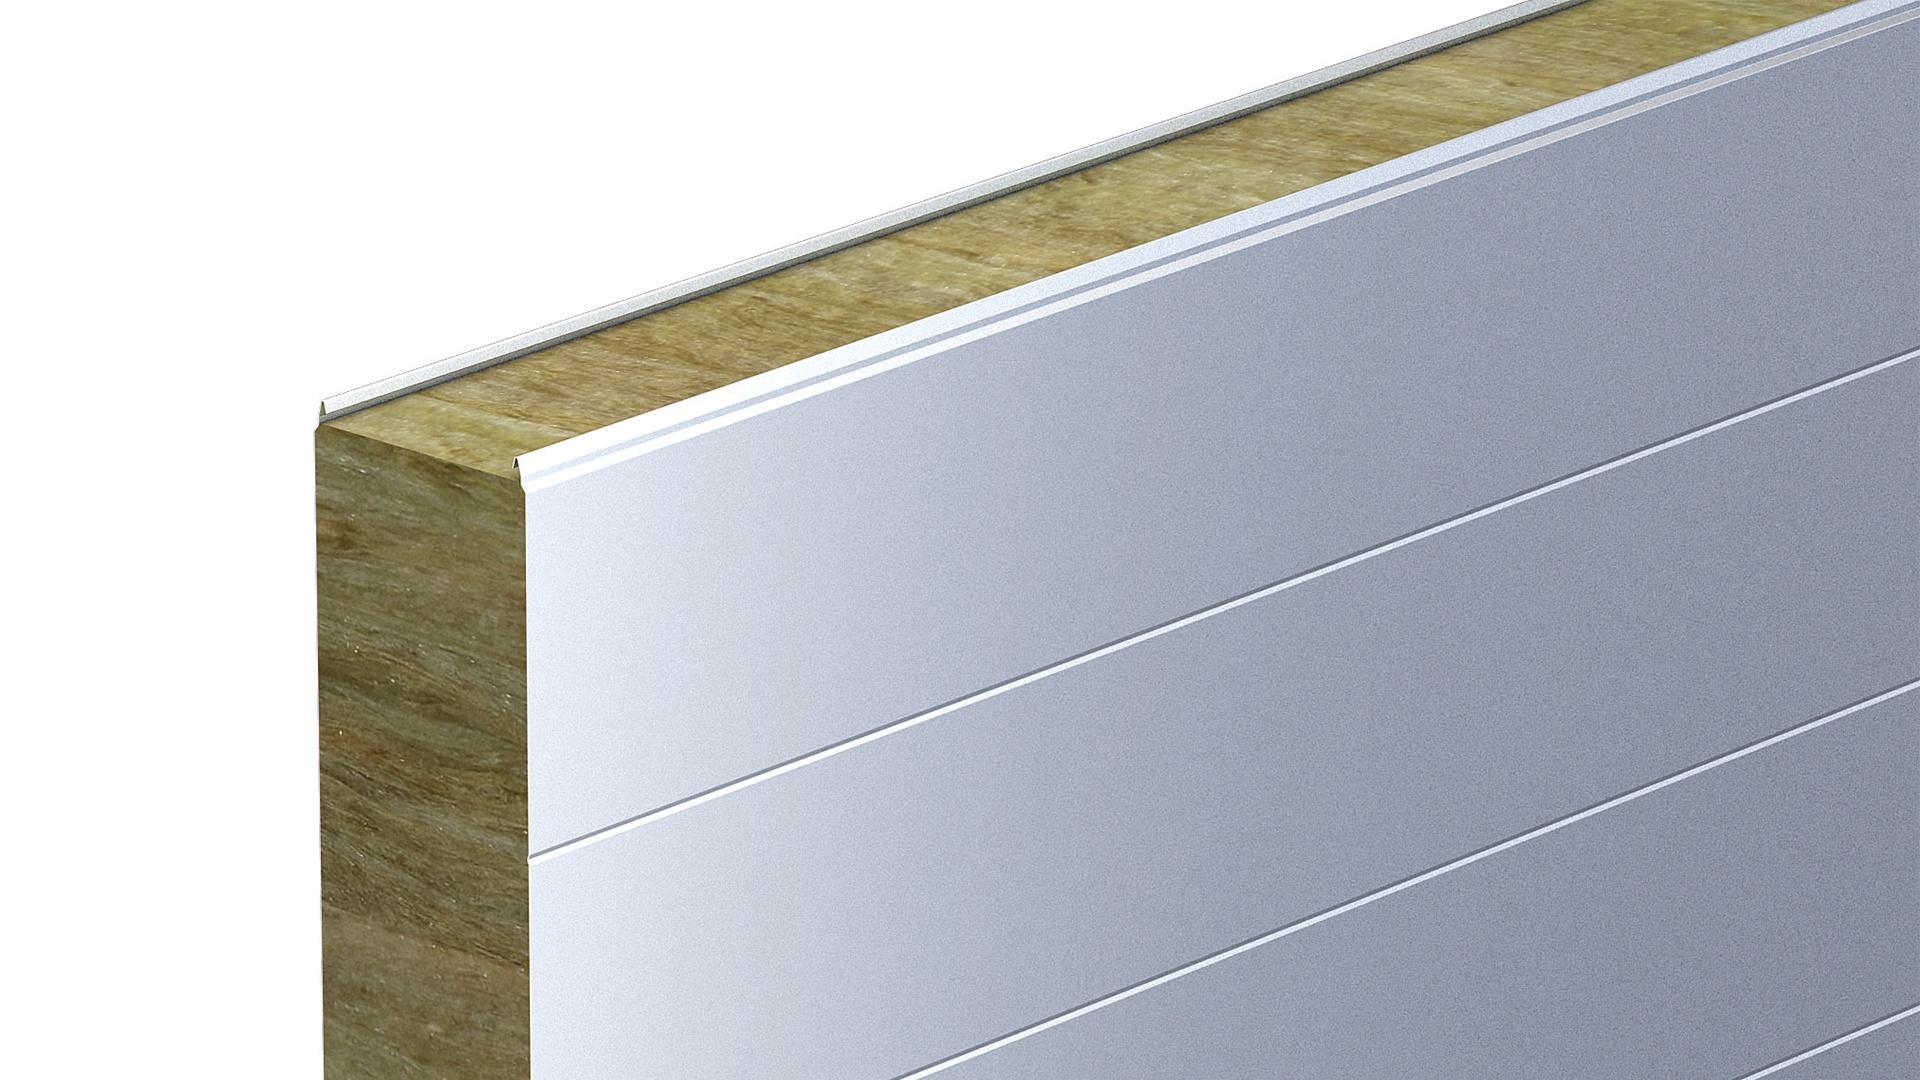 Billede 3 - Skab designet med Lindab Sandwichpaneler  som fås med forskellige designlinjer og i mange farver